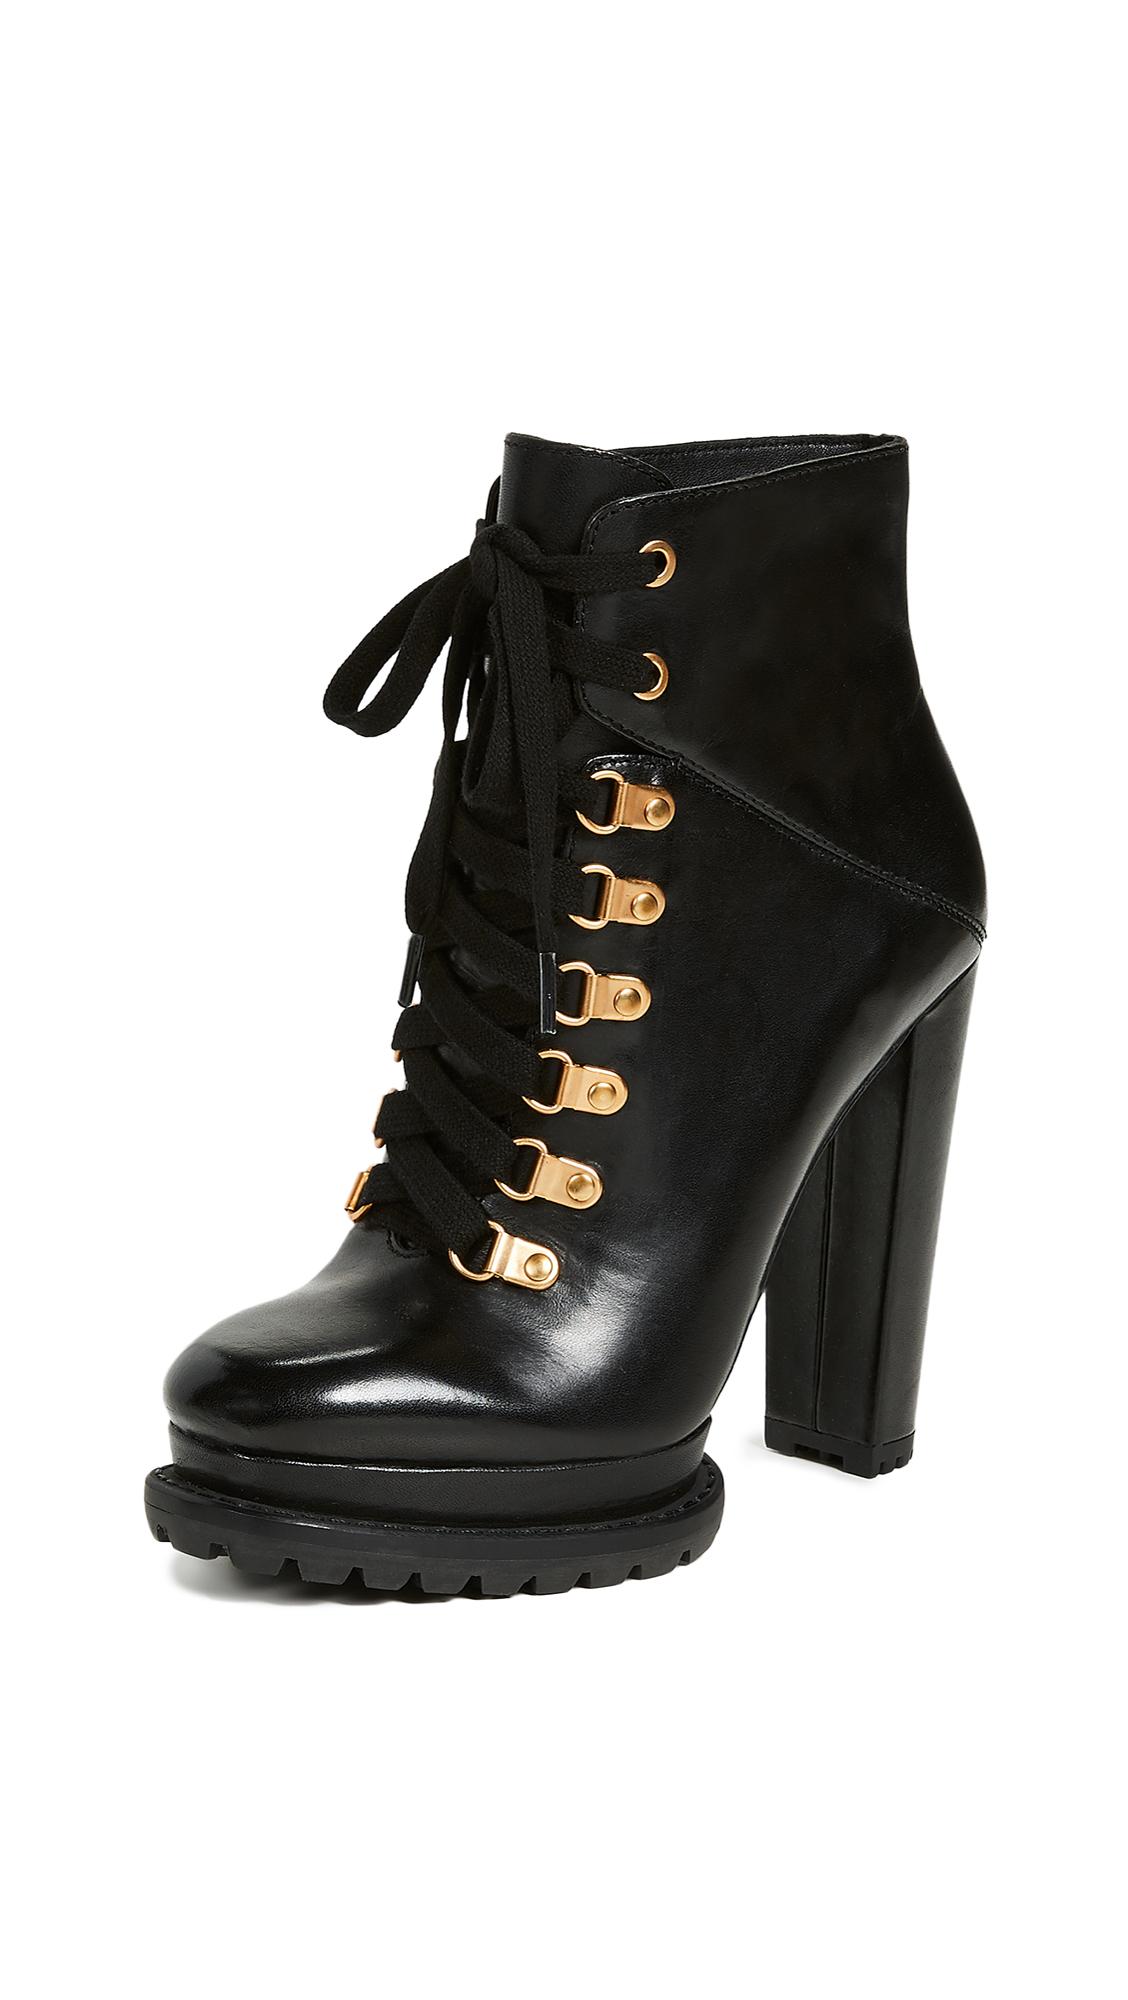 alice + olivia Jesna Boots - Black